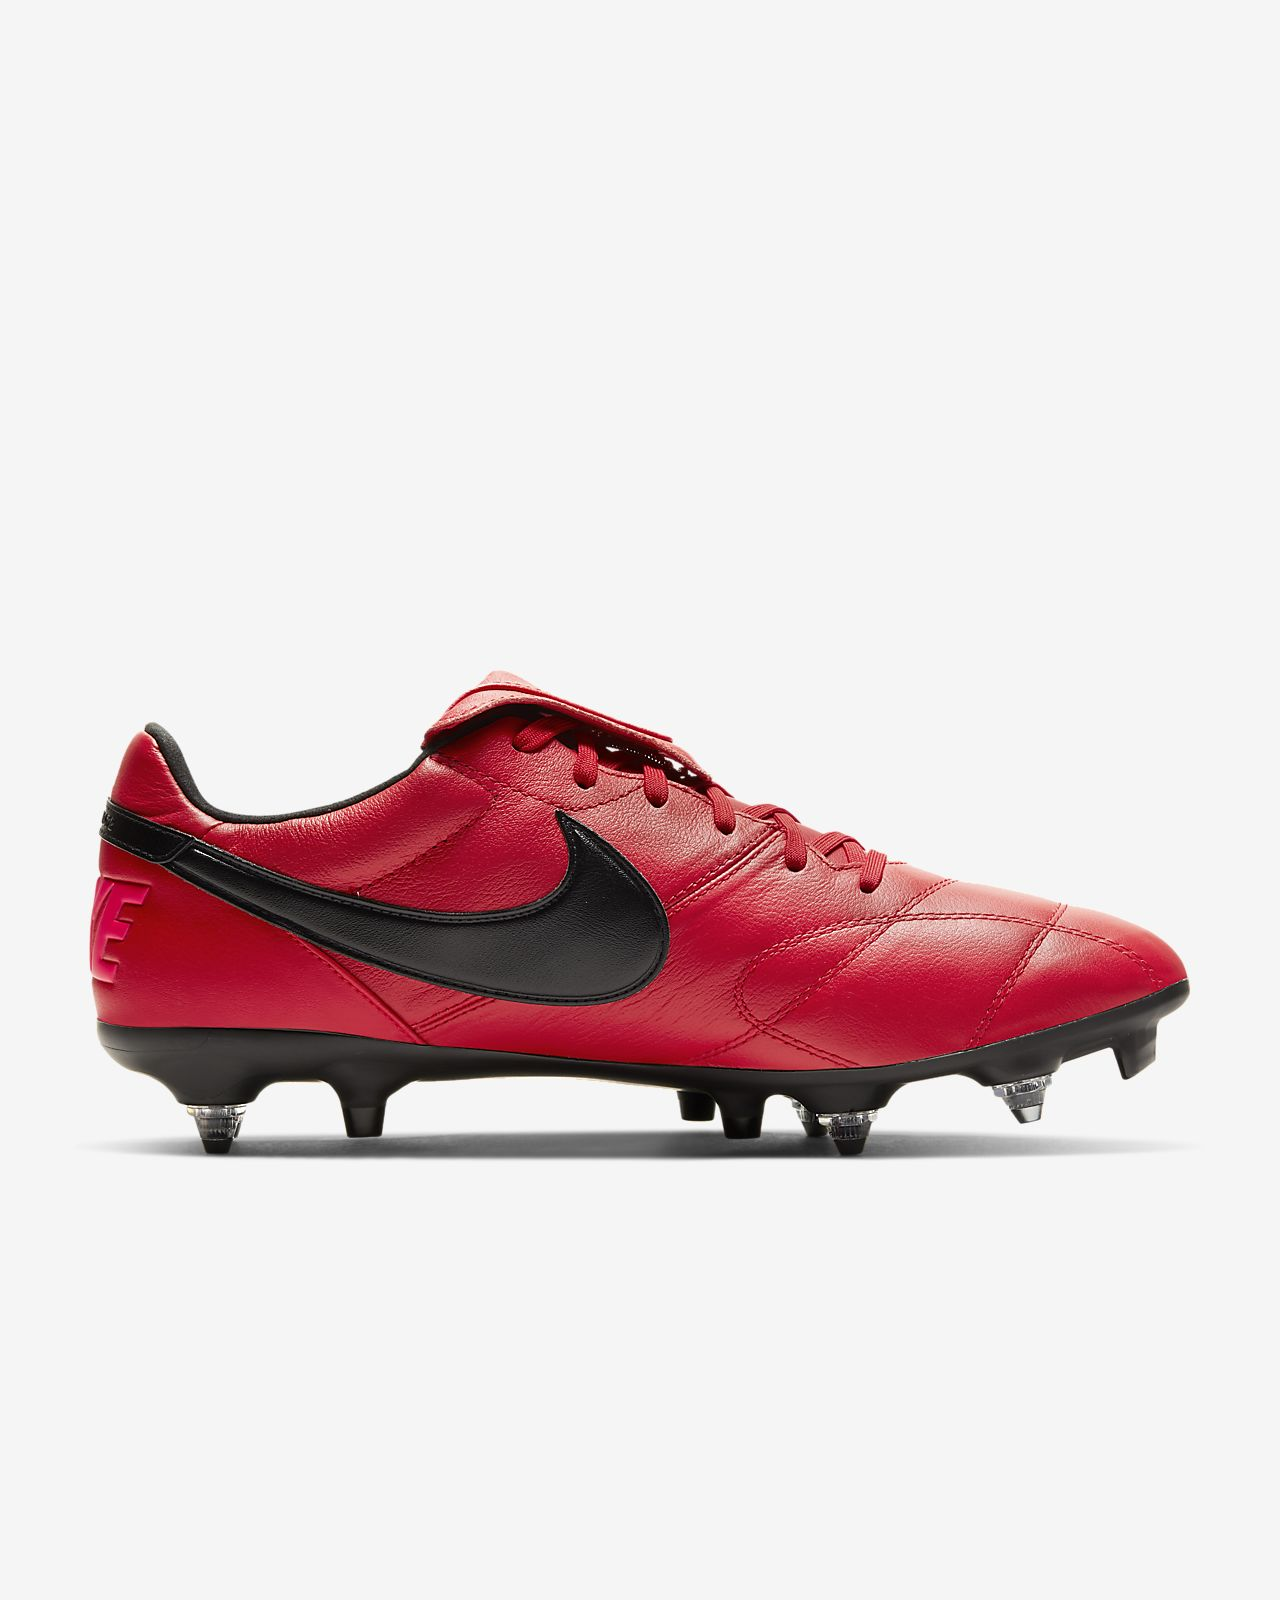 Chaussure de football à crampons pour terrain gras Nike Premier II Anti Clog Traction SG PRO